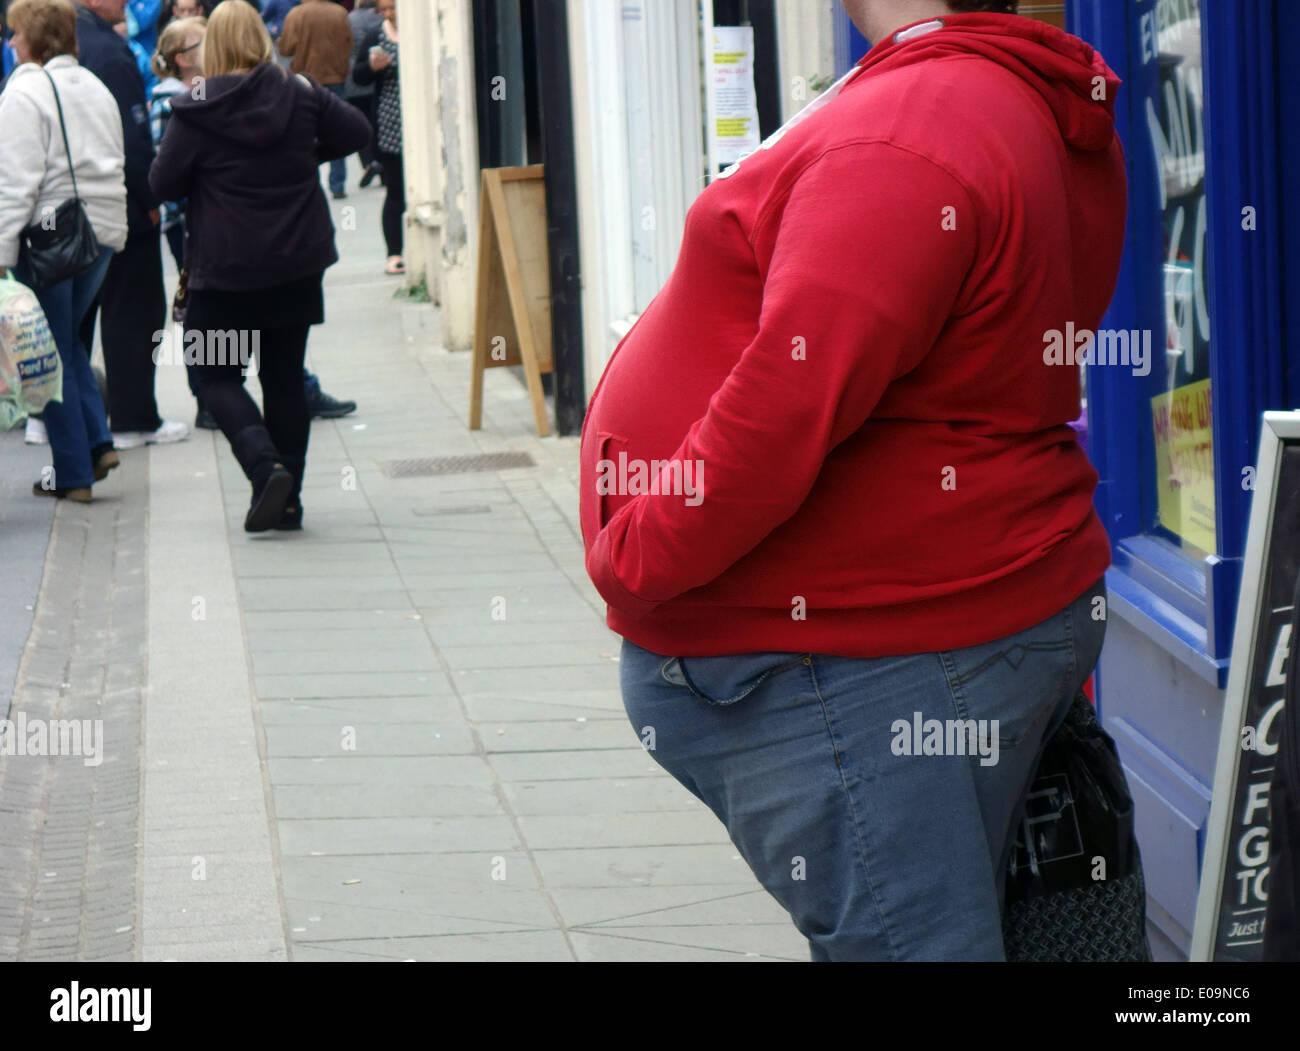 El hombre obeso en la calle en la ciudad en Pembroke, Gales Imagen De Stock